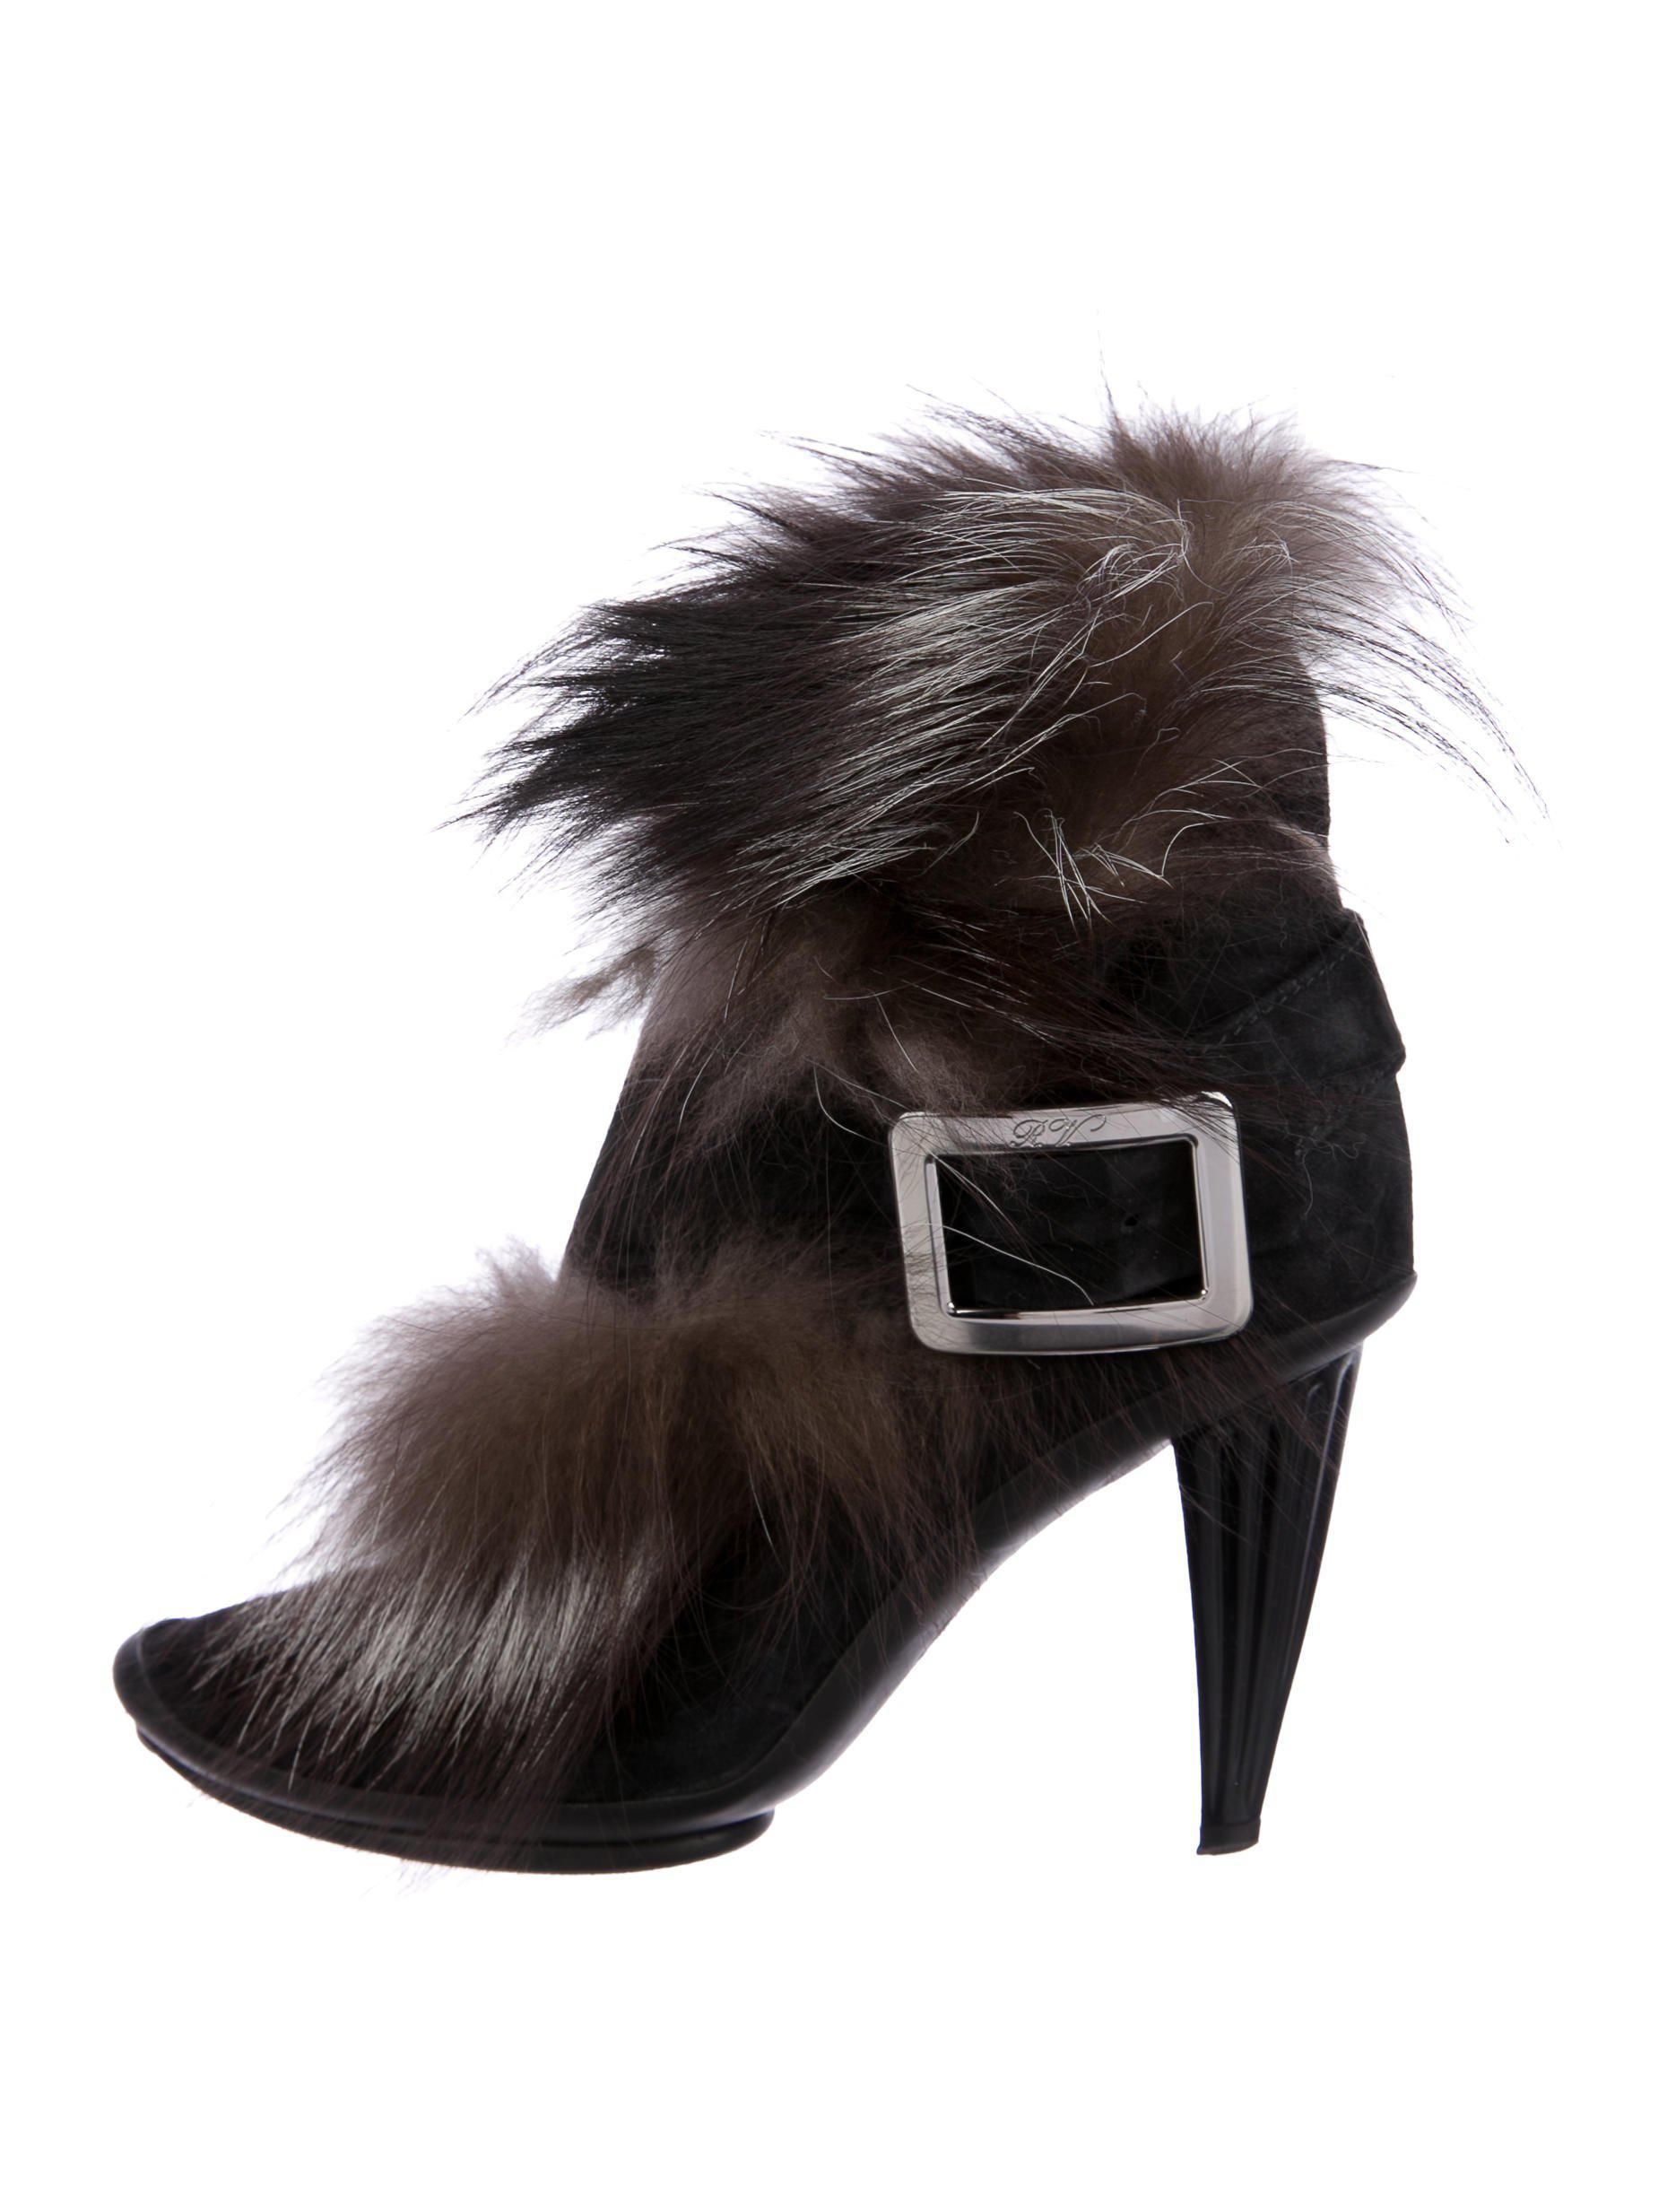 ost release dates Roger Vivier Suede Fur-Trimmed Ankle Boots comfortable sale online latest for sale cheap shop WxvM86A